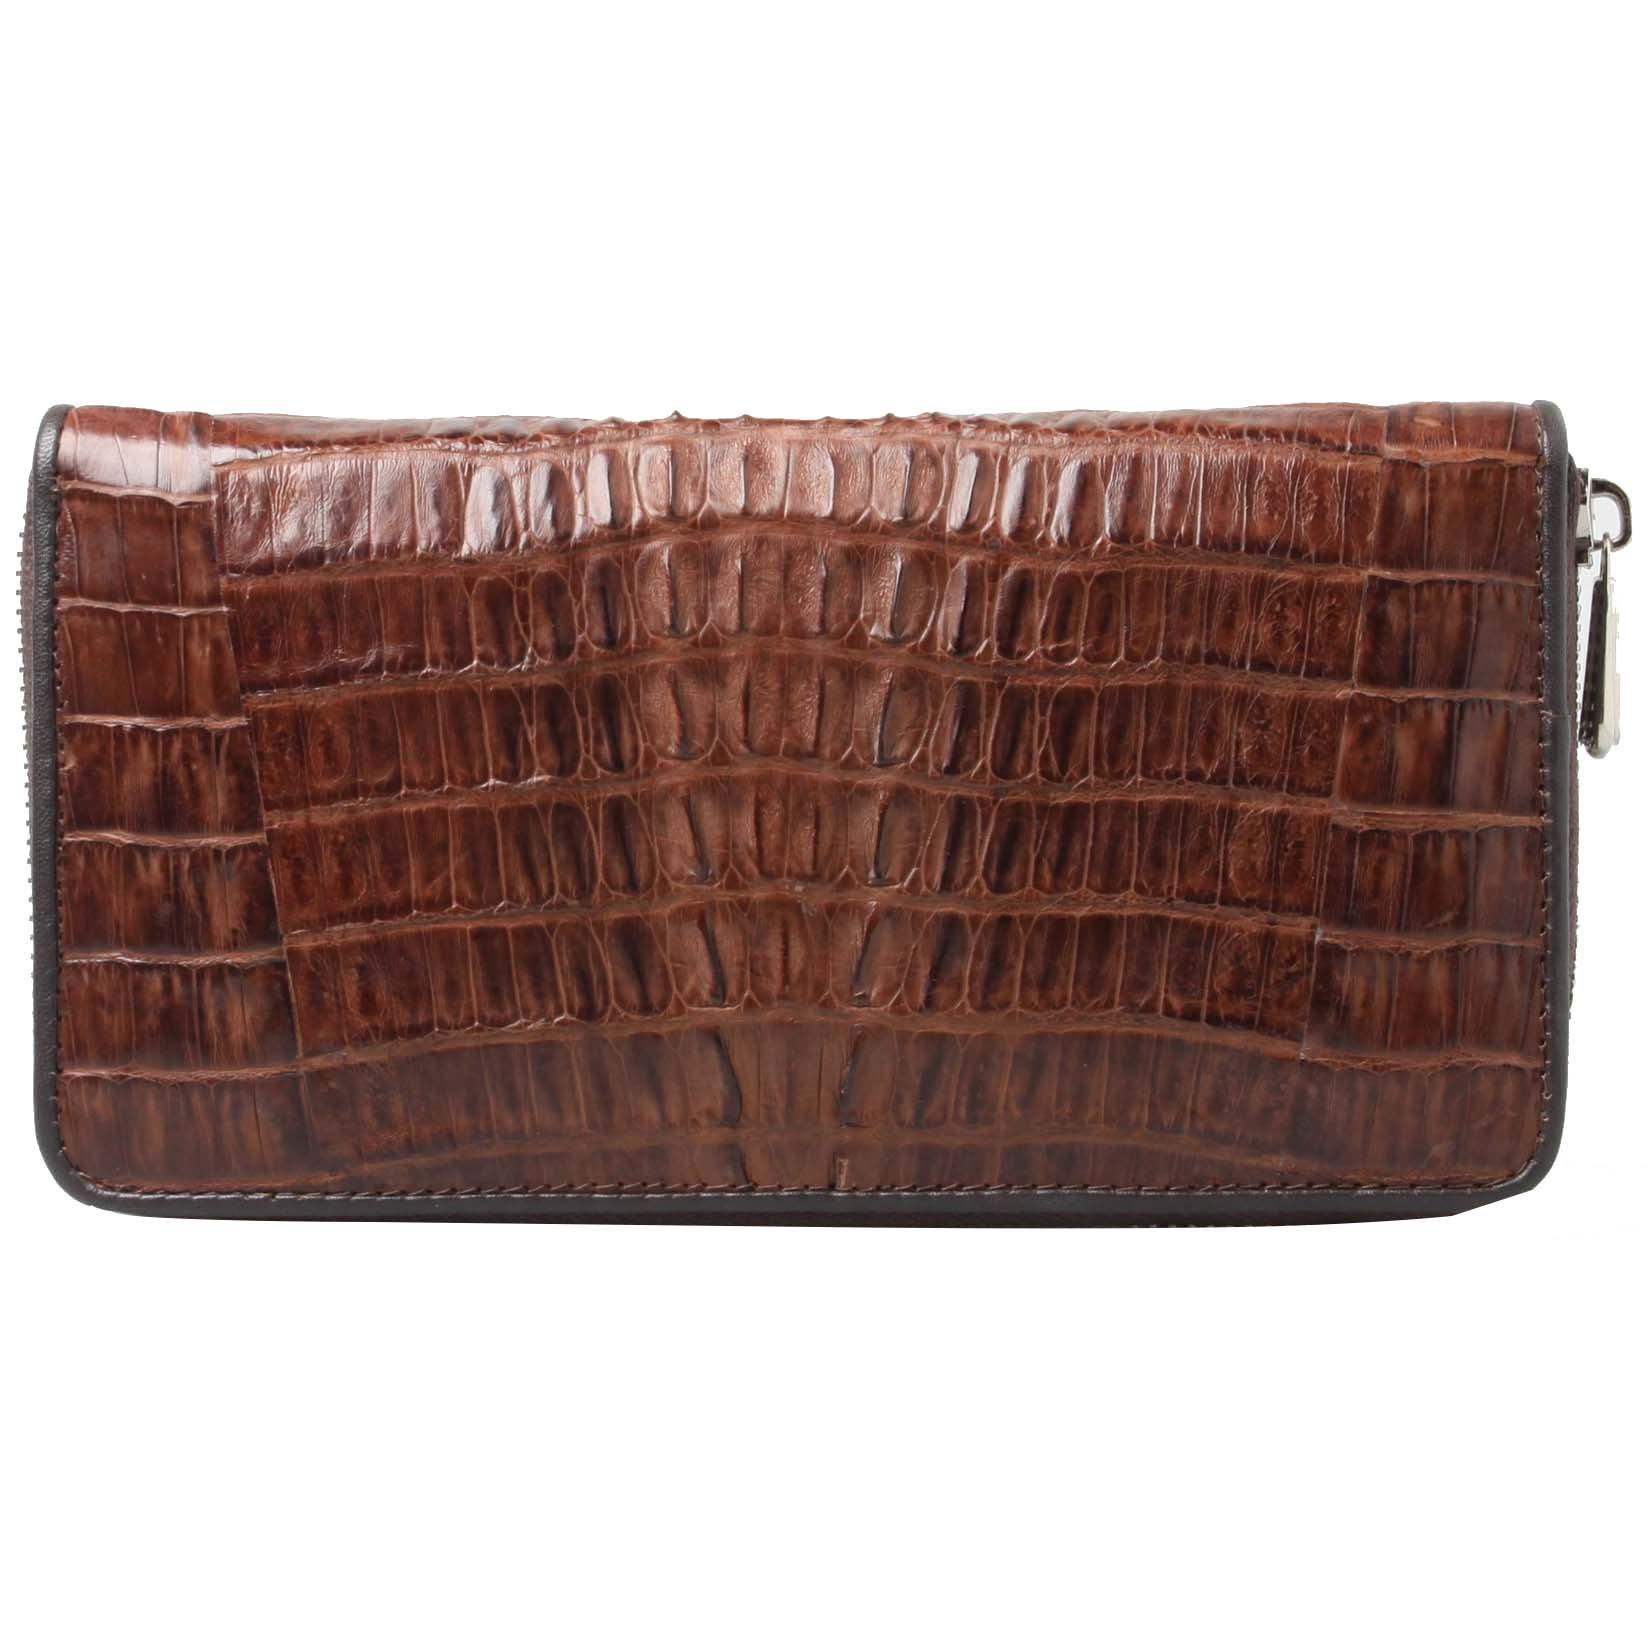 Genuine Crocodile Tail Skin Brown Clutch Women Card Zip Around Coin Wallet Purse by Kanthima